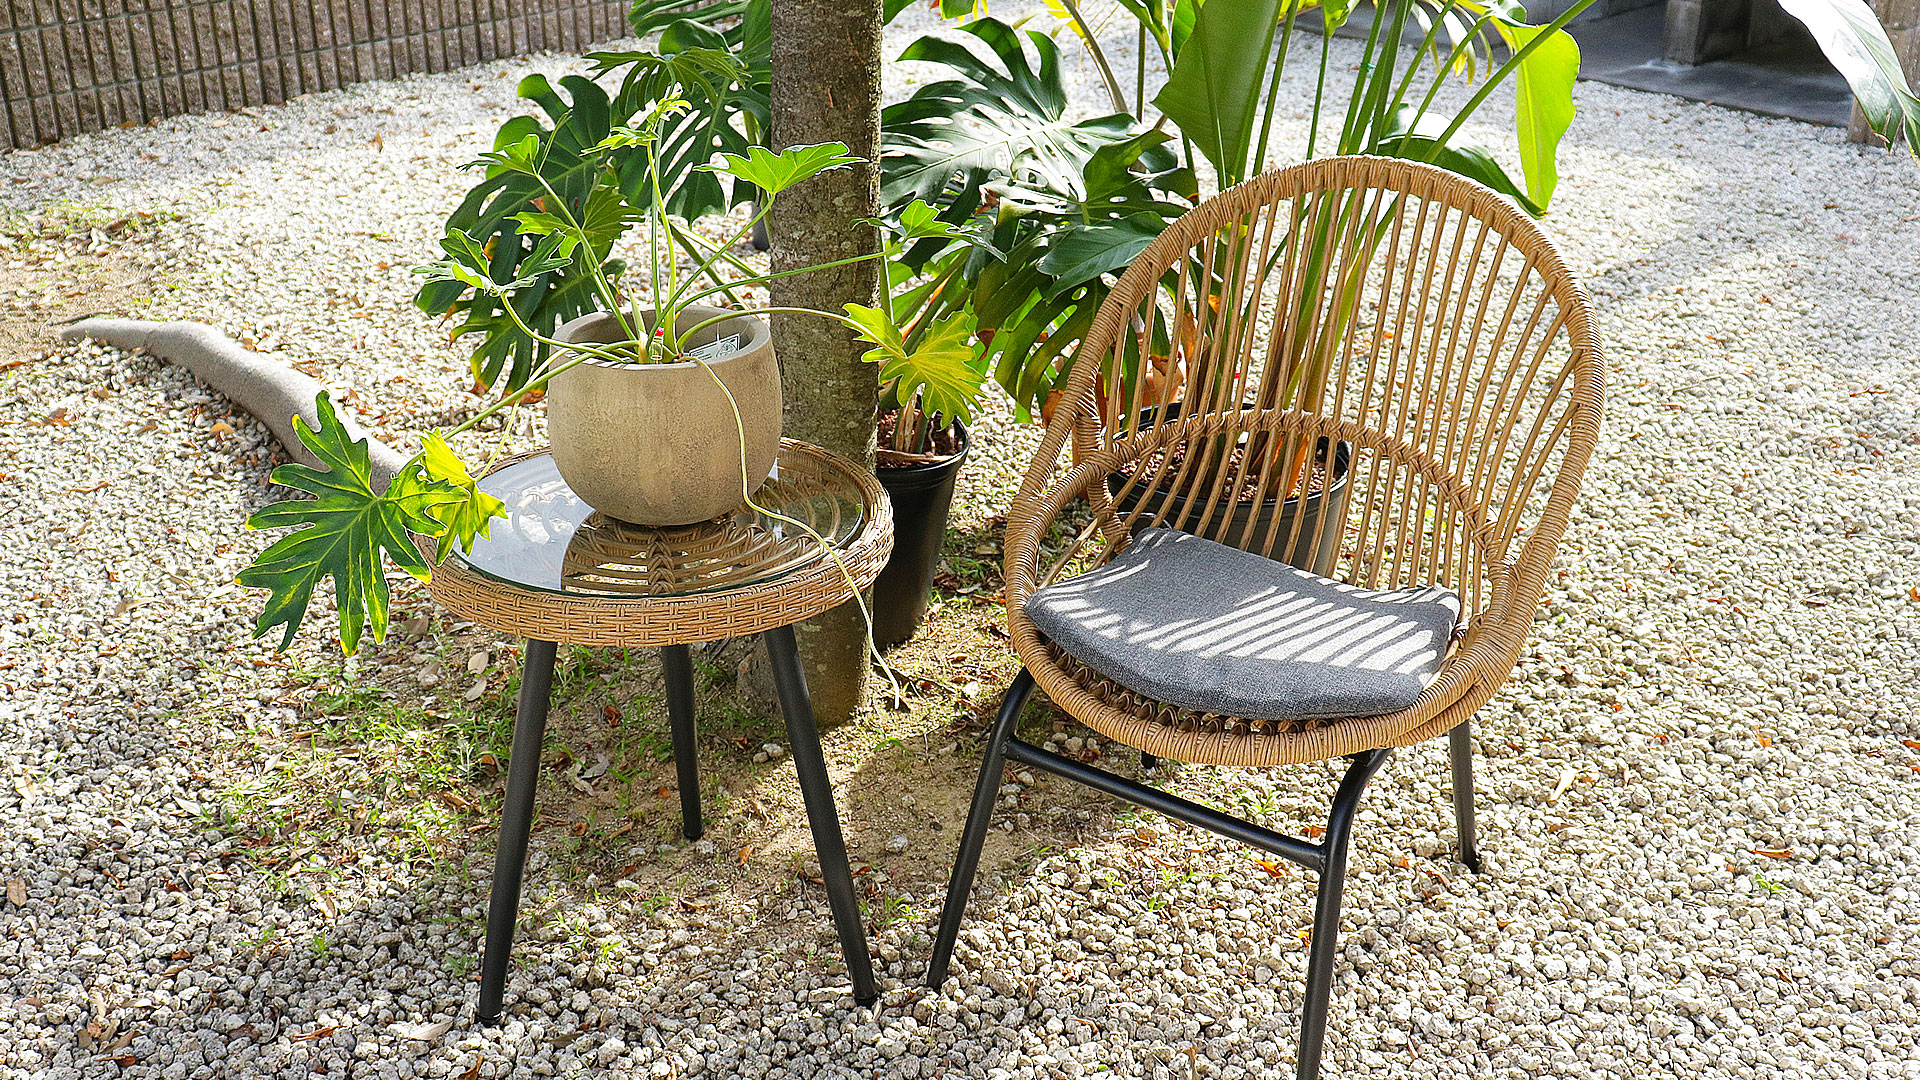 東馬のガーデンファニチャー。オーバルチェア、リゾネアの外用の椅子の庭に置いた時の上からの画像